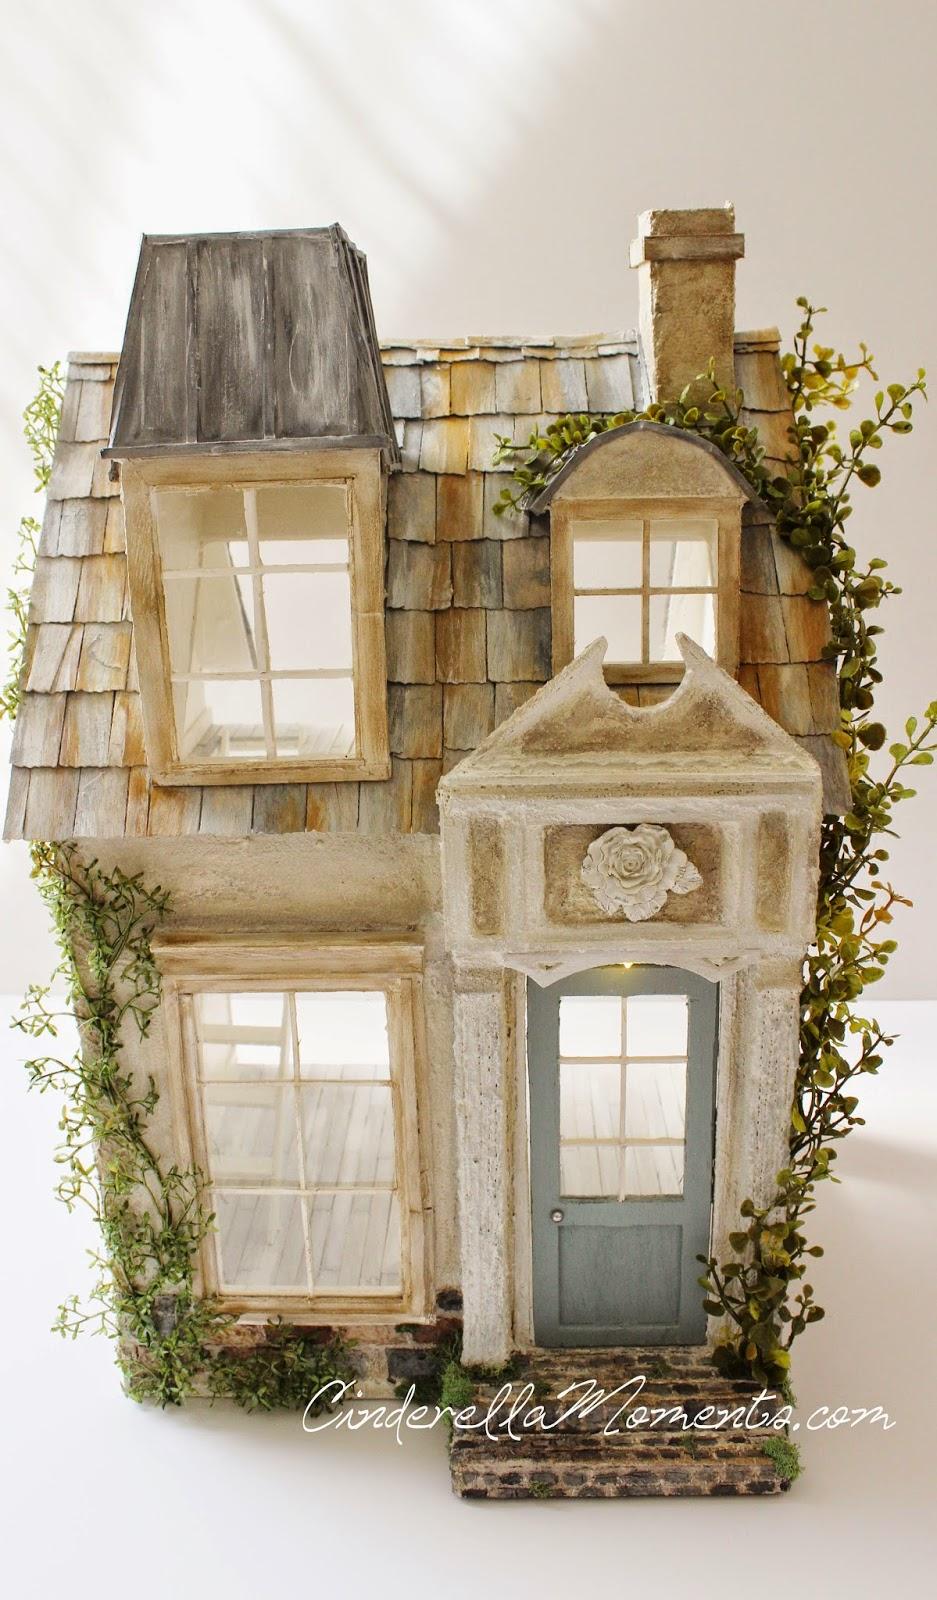 cinderella moments la maison de ville dollhouse. Black Bedroom Furniture Sets. Home Design Ideas